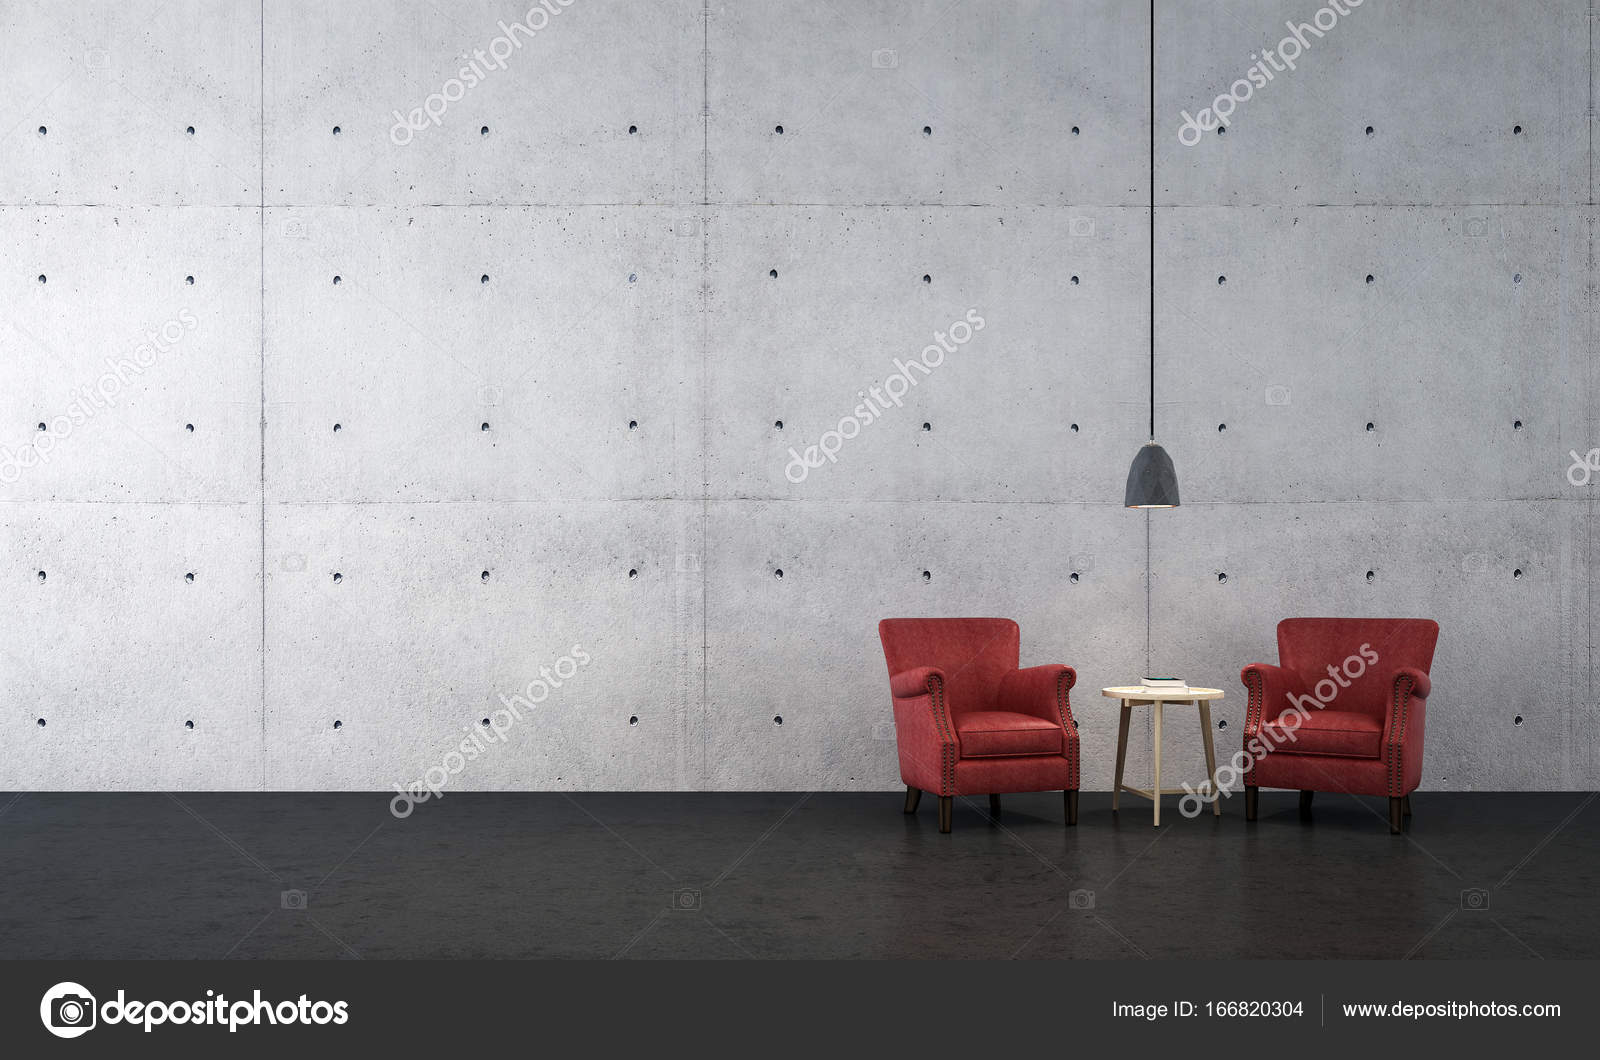 Das Interior Design der Lounge Sofa und Wohnzimmer und Beton Wand ...